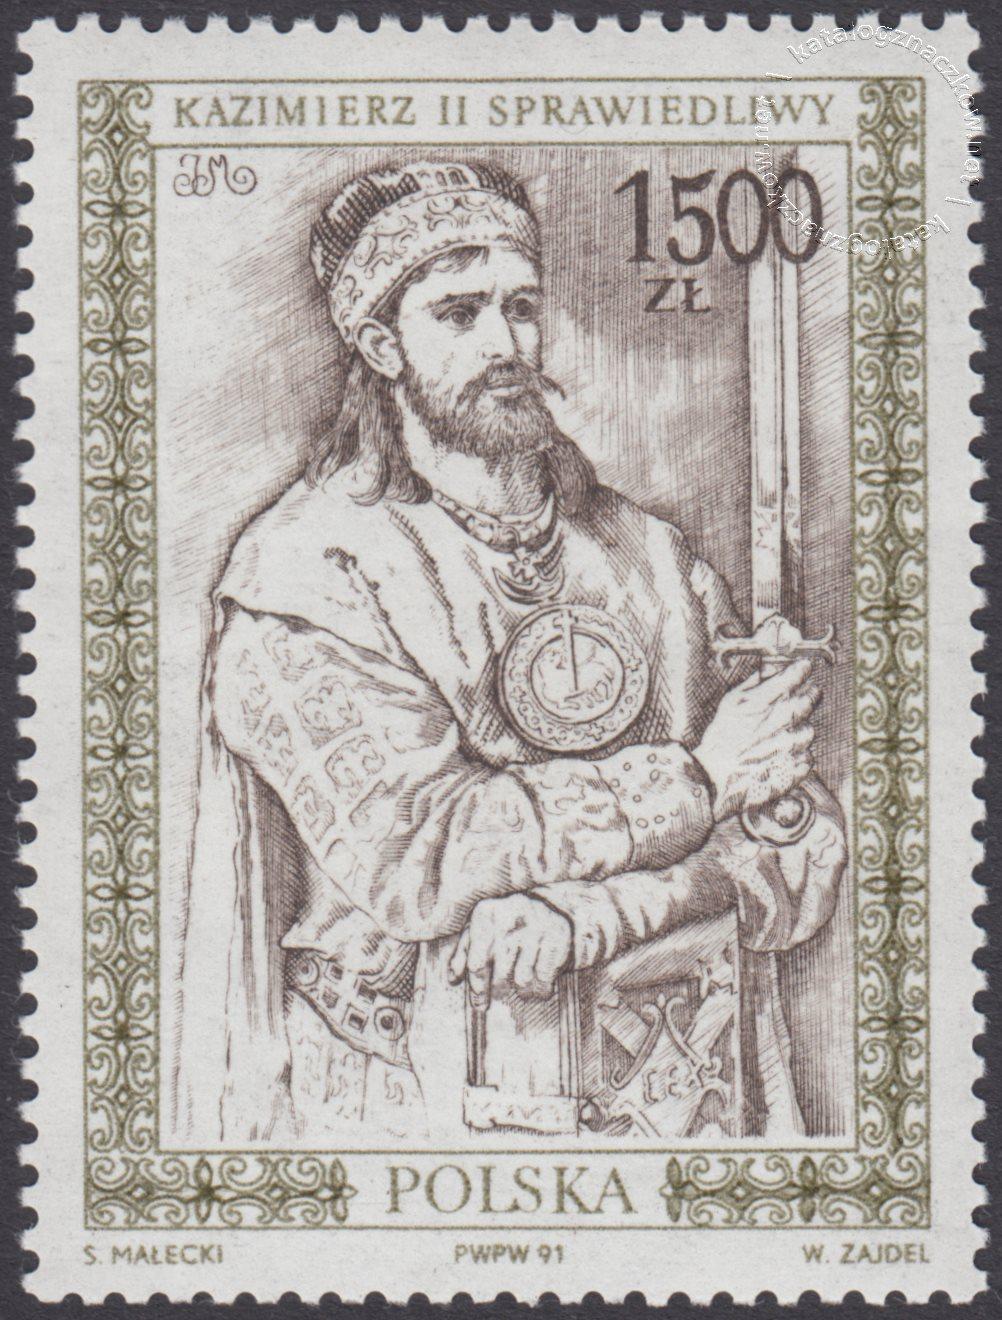 Poczet królów i książąt polskich znaczek nr 3213